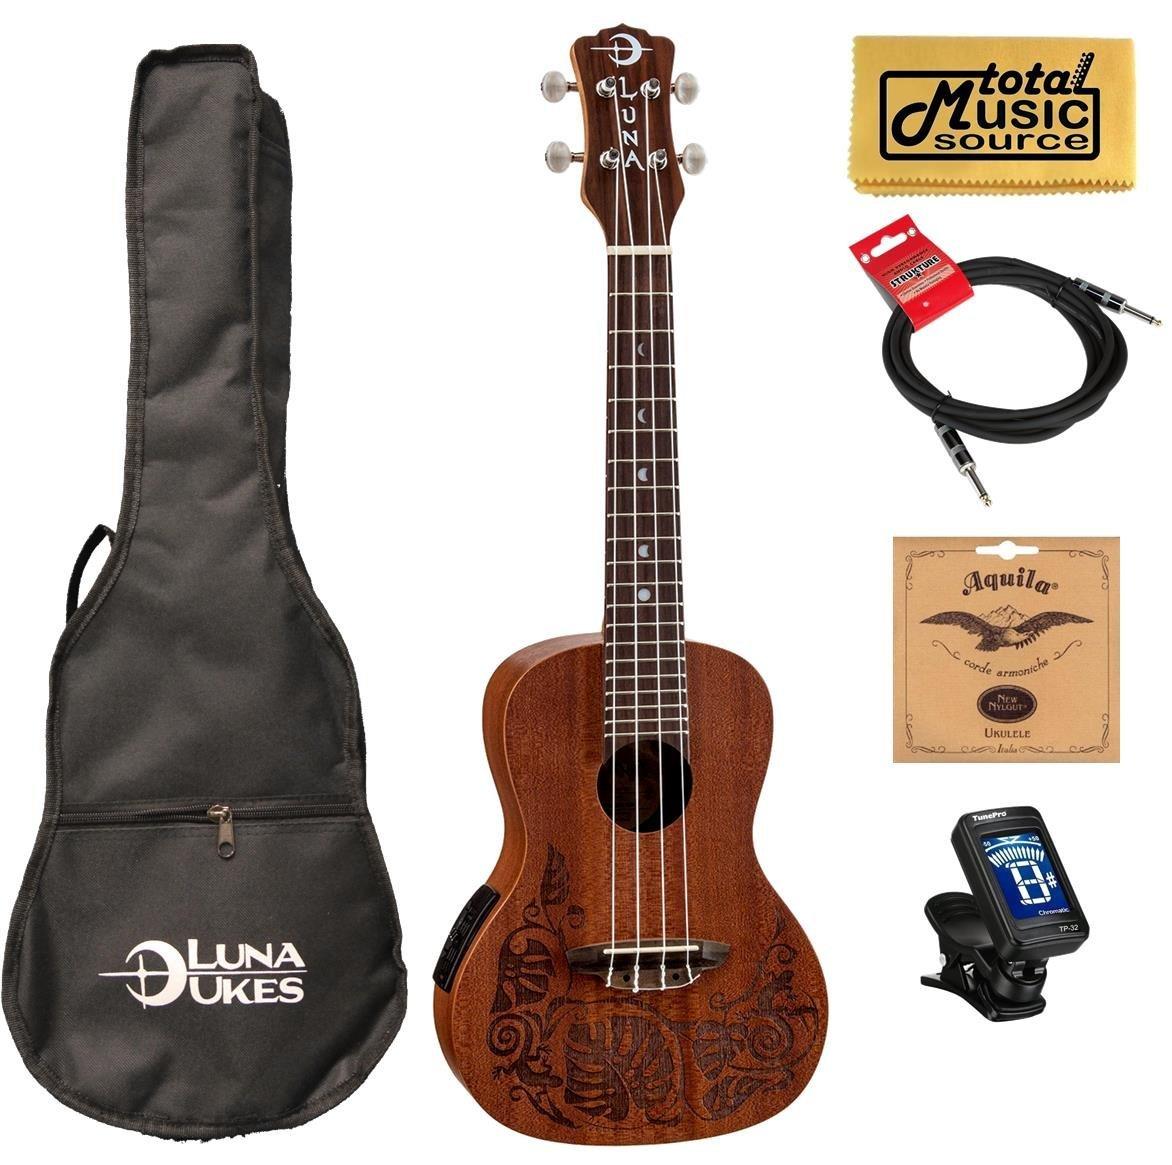 Luna Mahogany Series Mo'o Concert Ukulele with Gig Bag,Strings,Clip-On Tuner and Zorro Sounds Ukulele Polishing Cloth